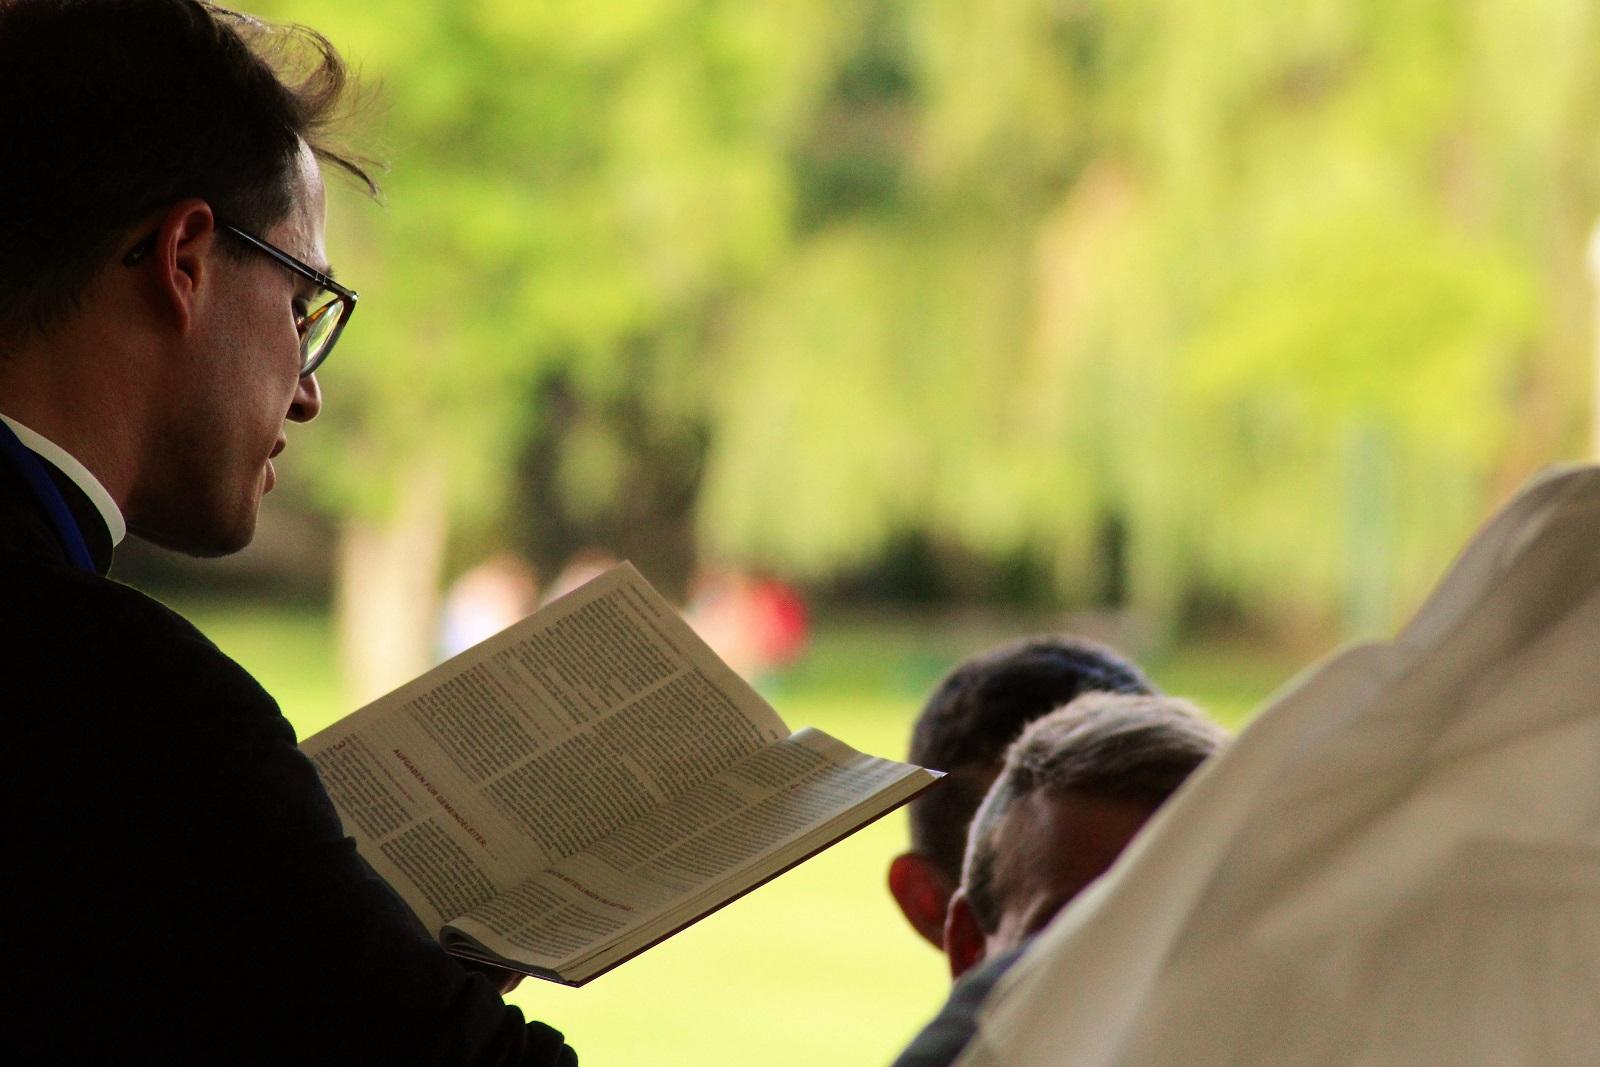 В России хотят ввести аттестацию для проповедников, учившихся за рубежом, но это, возможно, не коснется глав конфессий